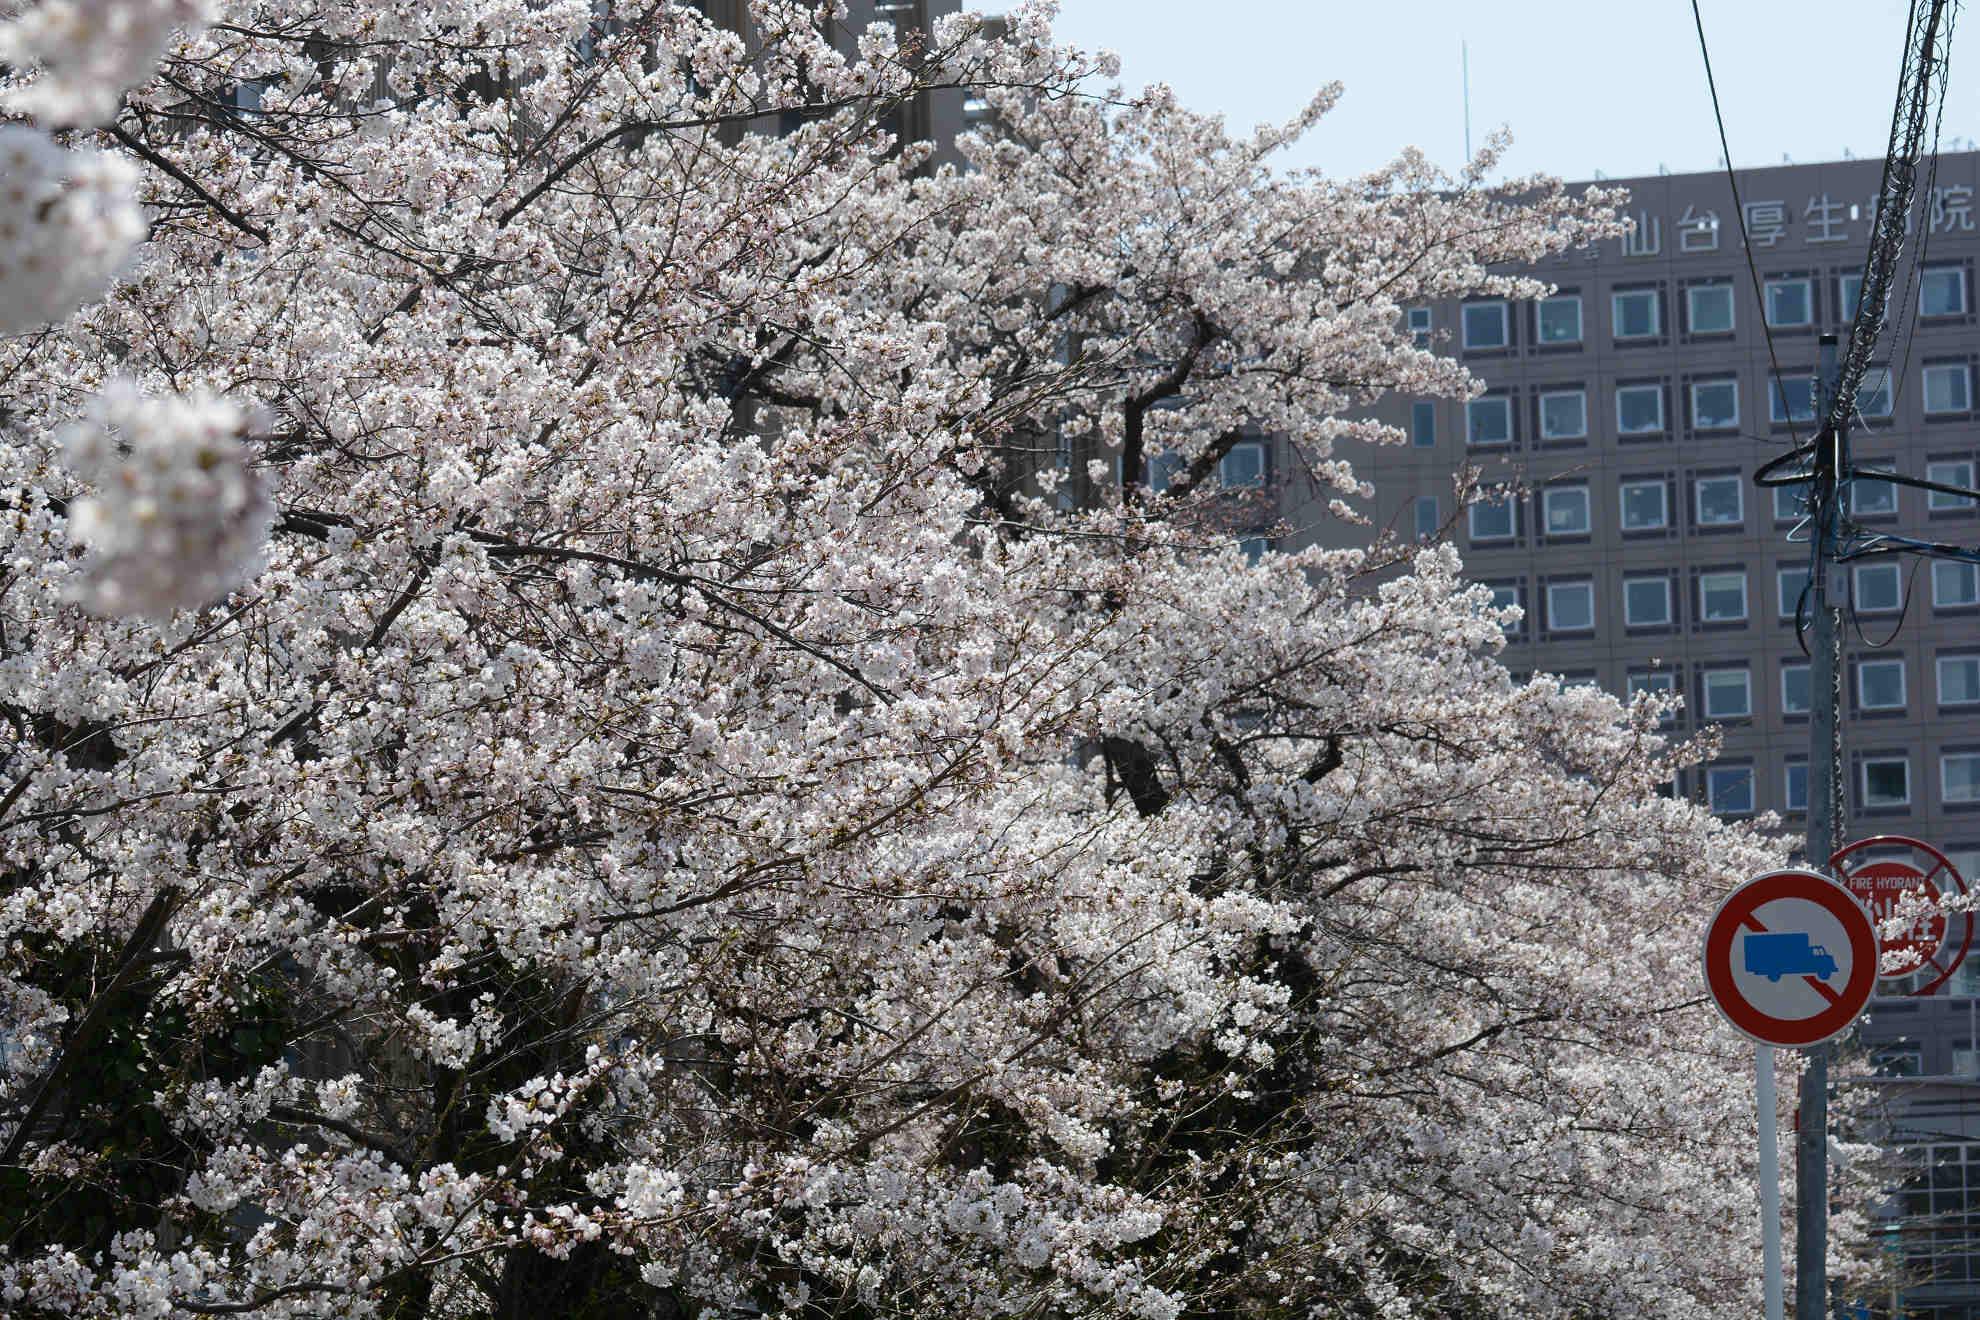 桜とほぼ同時期に咲くカタクリの花_a0148206_20203592.jpg